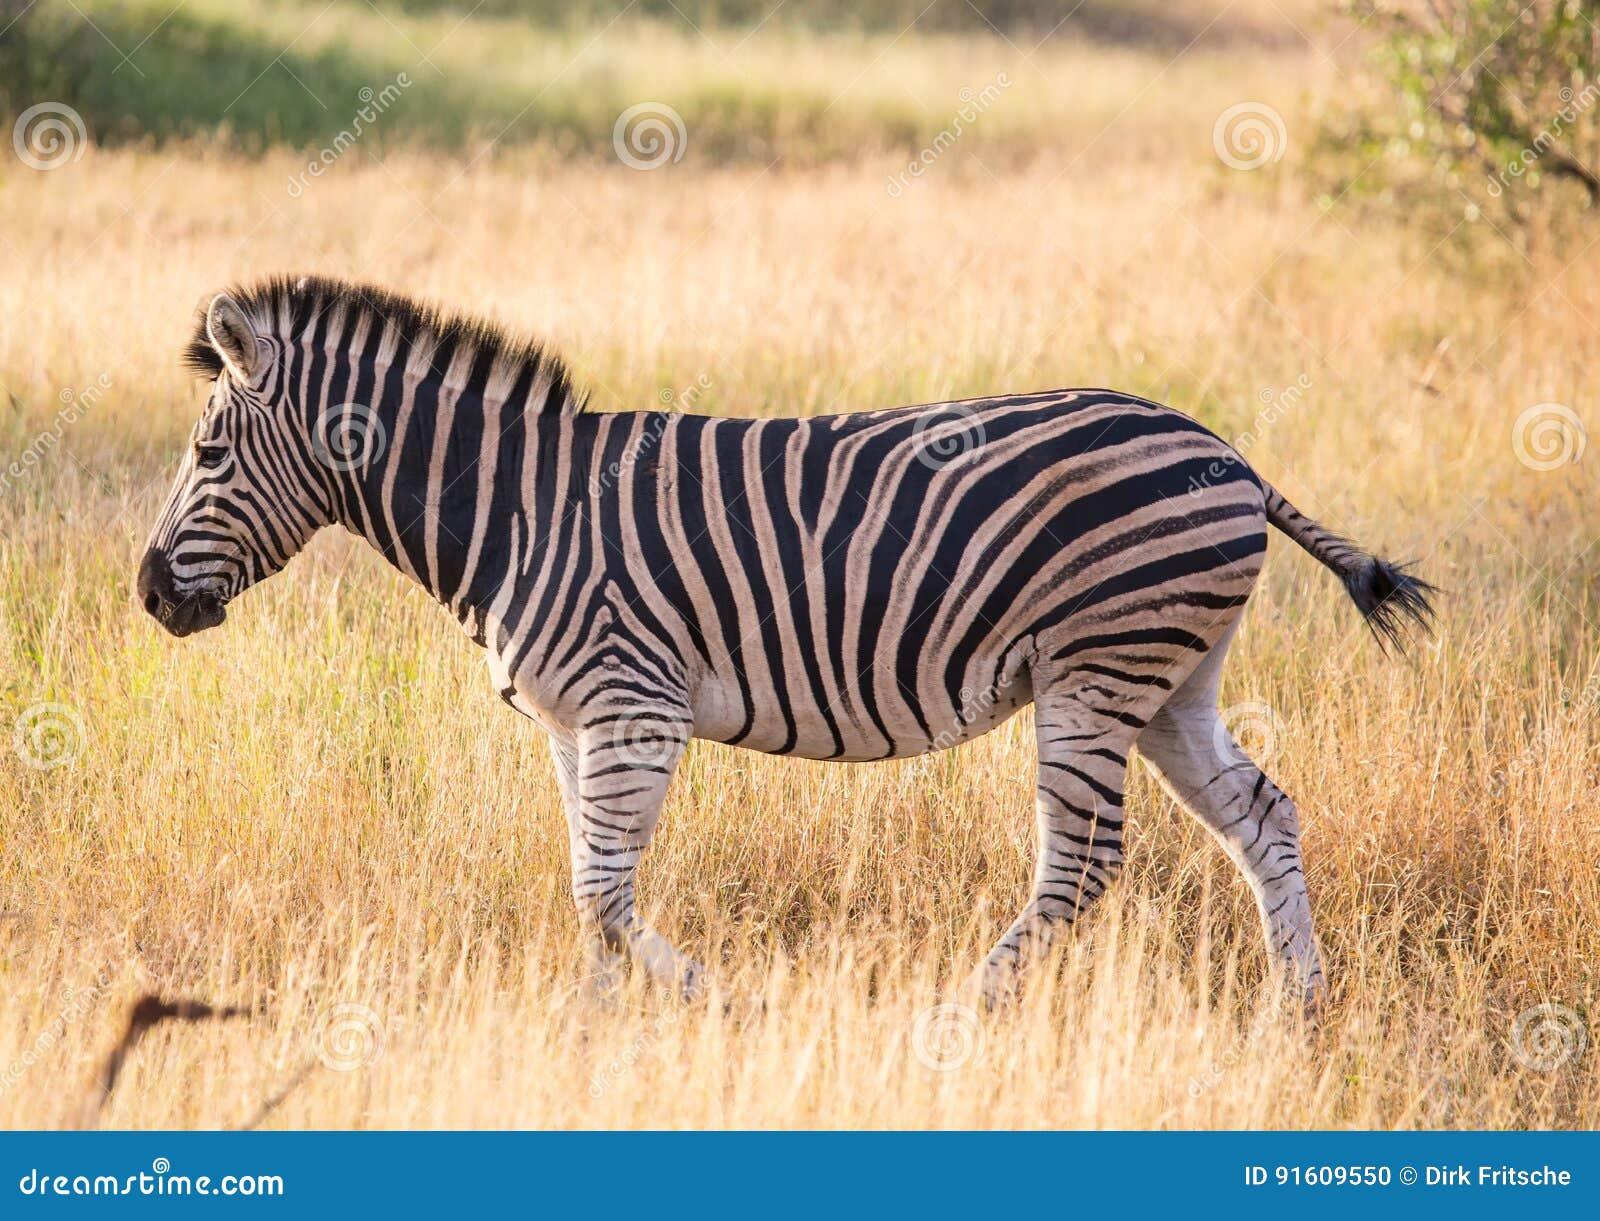 Plains Zebra at the Kruger National Park